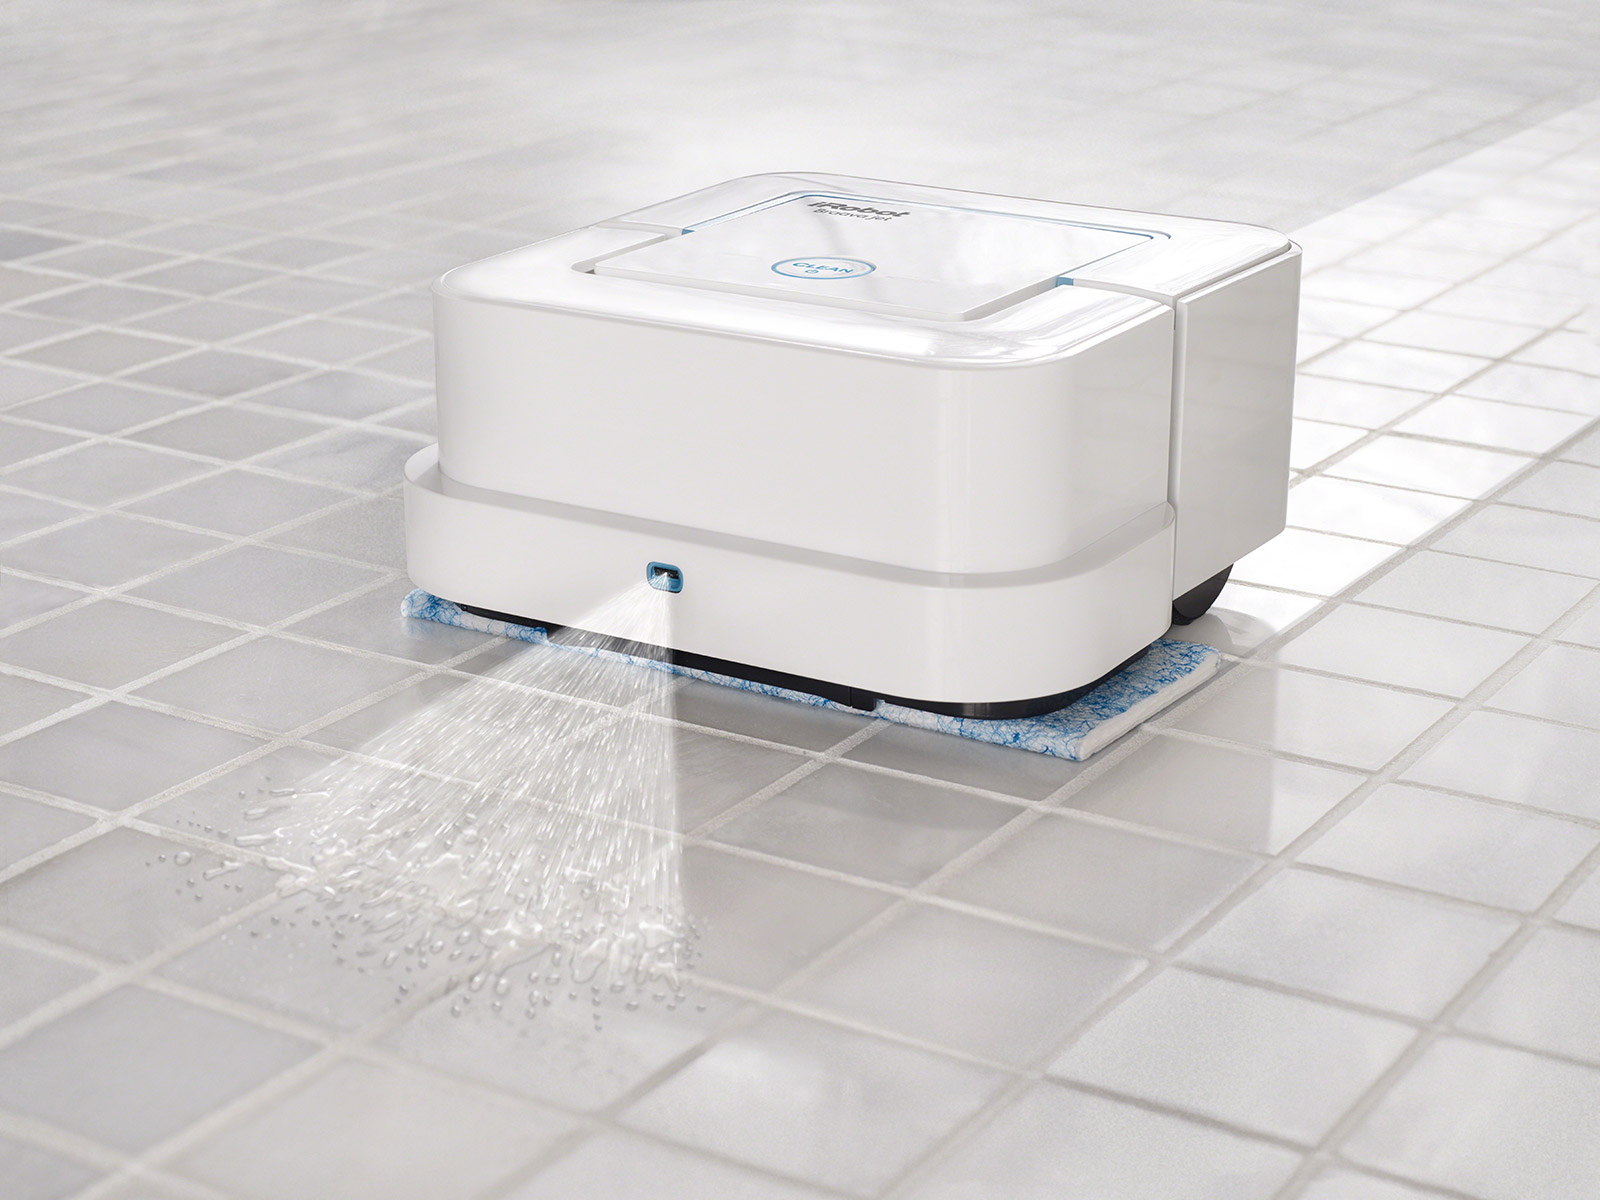 Vereint drei Reinigungsmodi in einem Gerät: Der iRobot Braava jet.